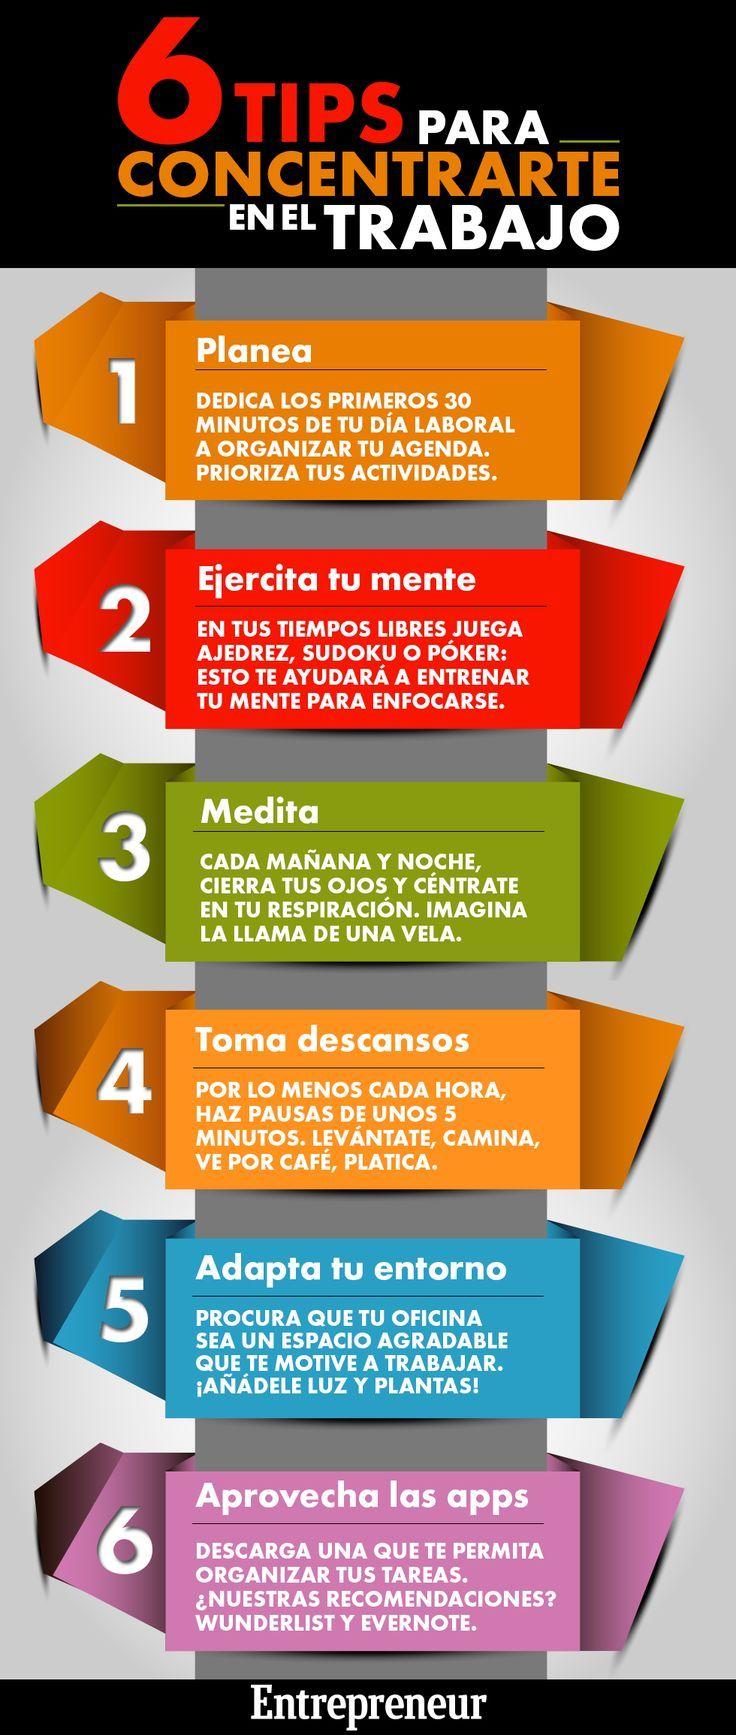 6 Tips para concentrarte en el trabajo